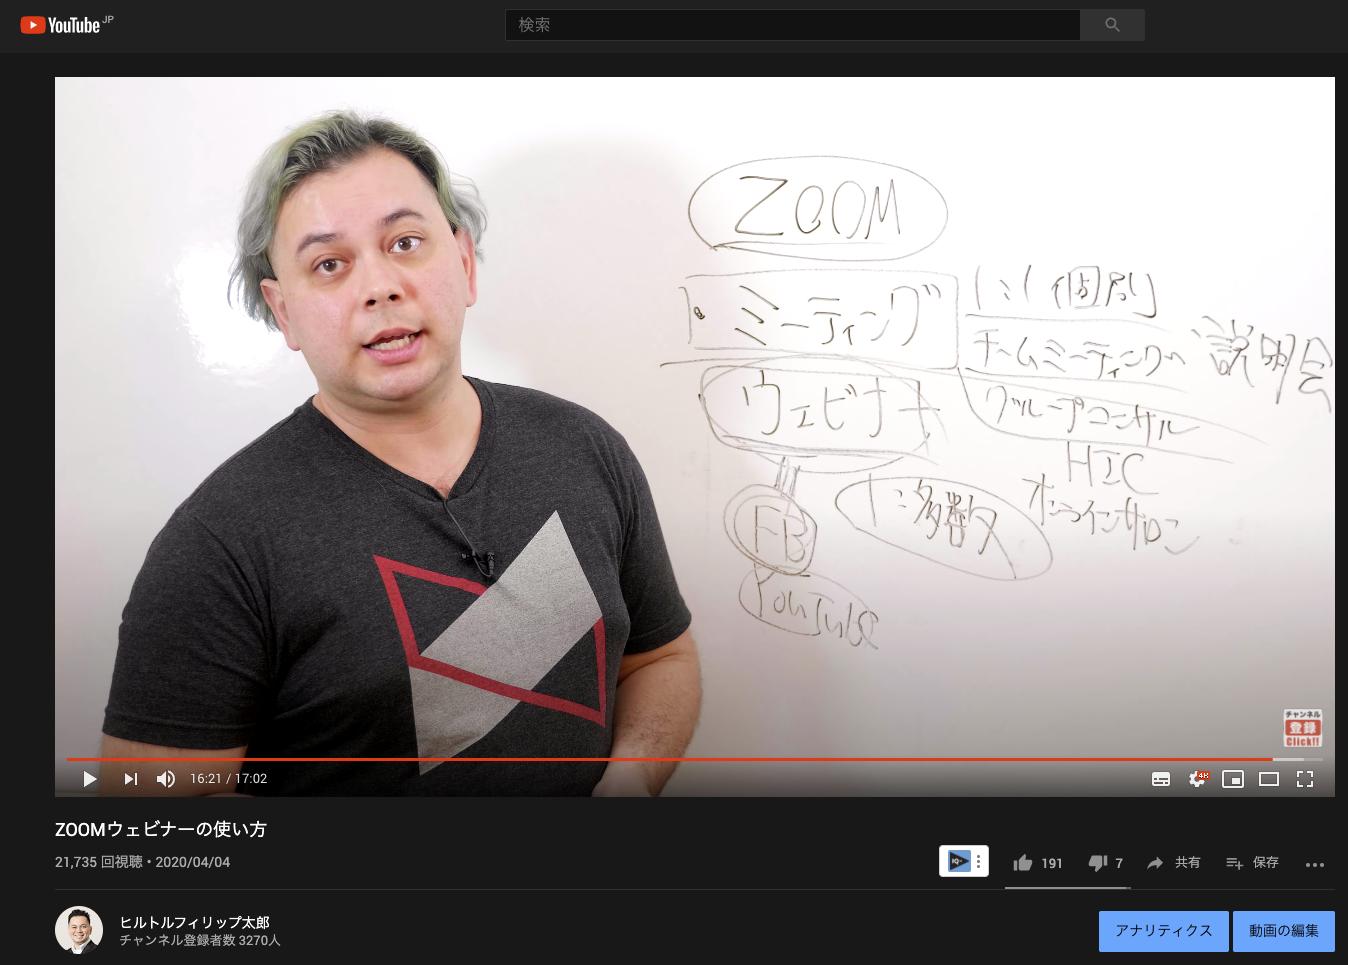 私のYouTubeは広告収入はゼロですが、毎日YouTube経由で集客が出来ています。